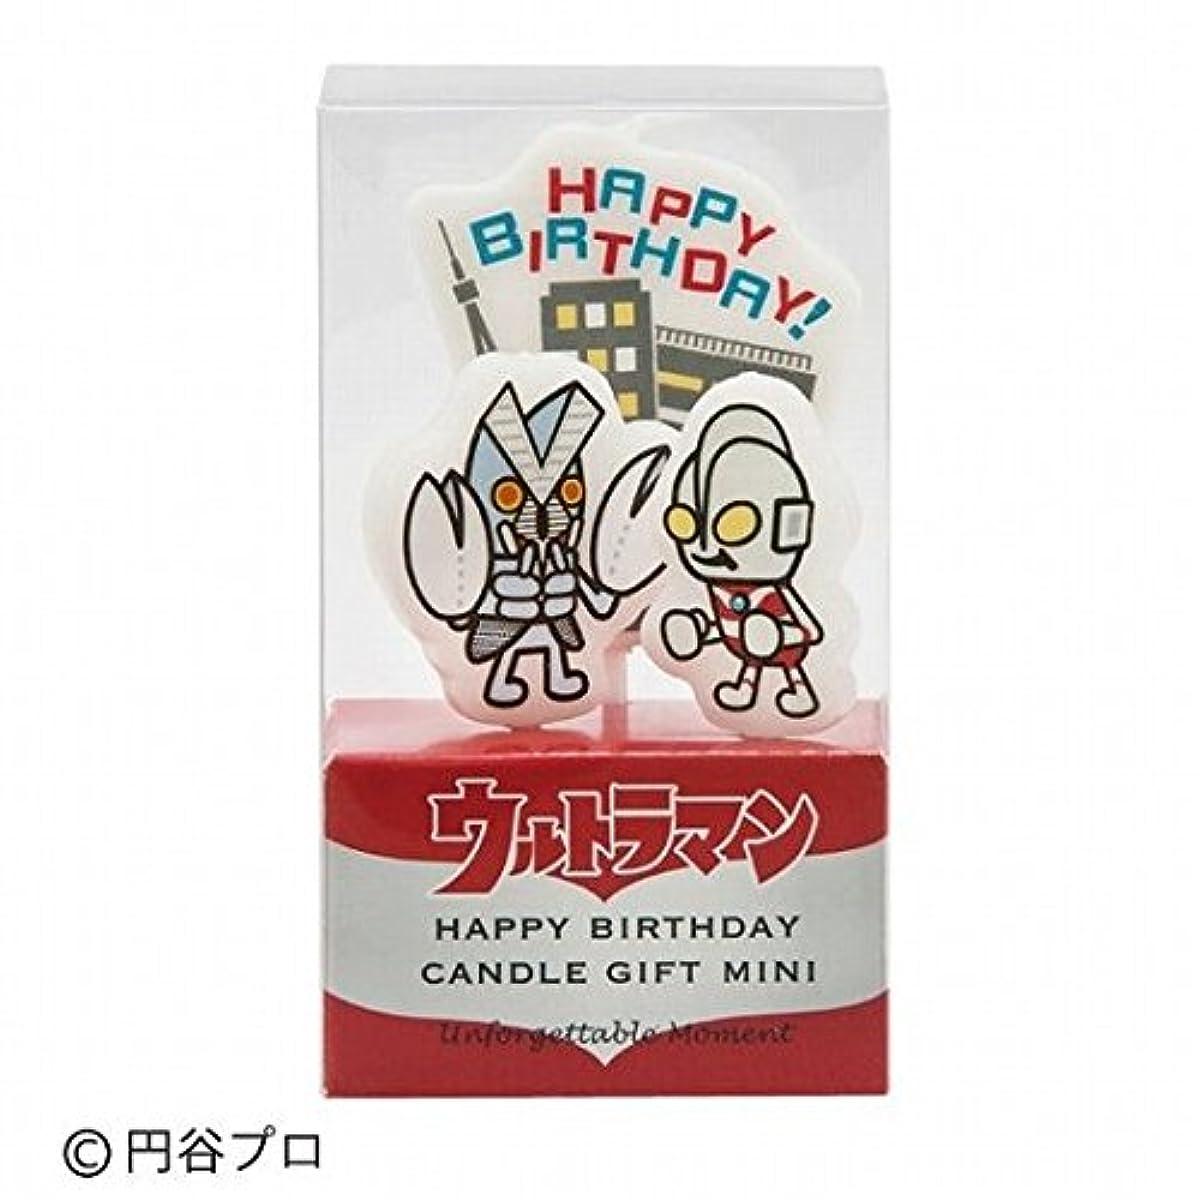 研磨水没寛大なkameyama candle(カメヤマキャンドル) ウルトラマンキャンドルギフトミニ 「 ハッピーバースデー 」(55360060)